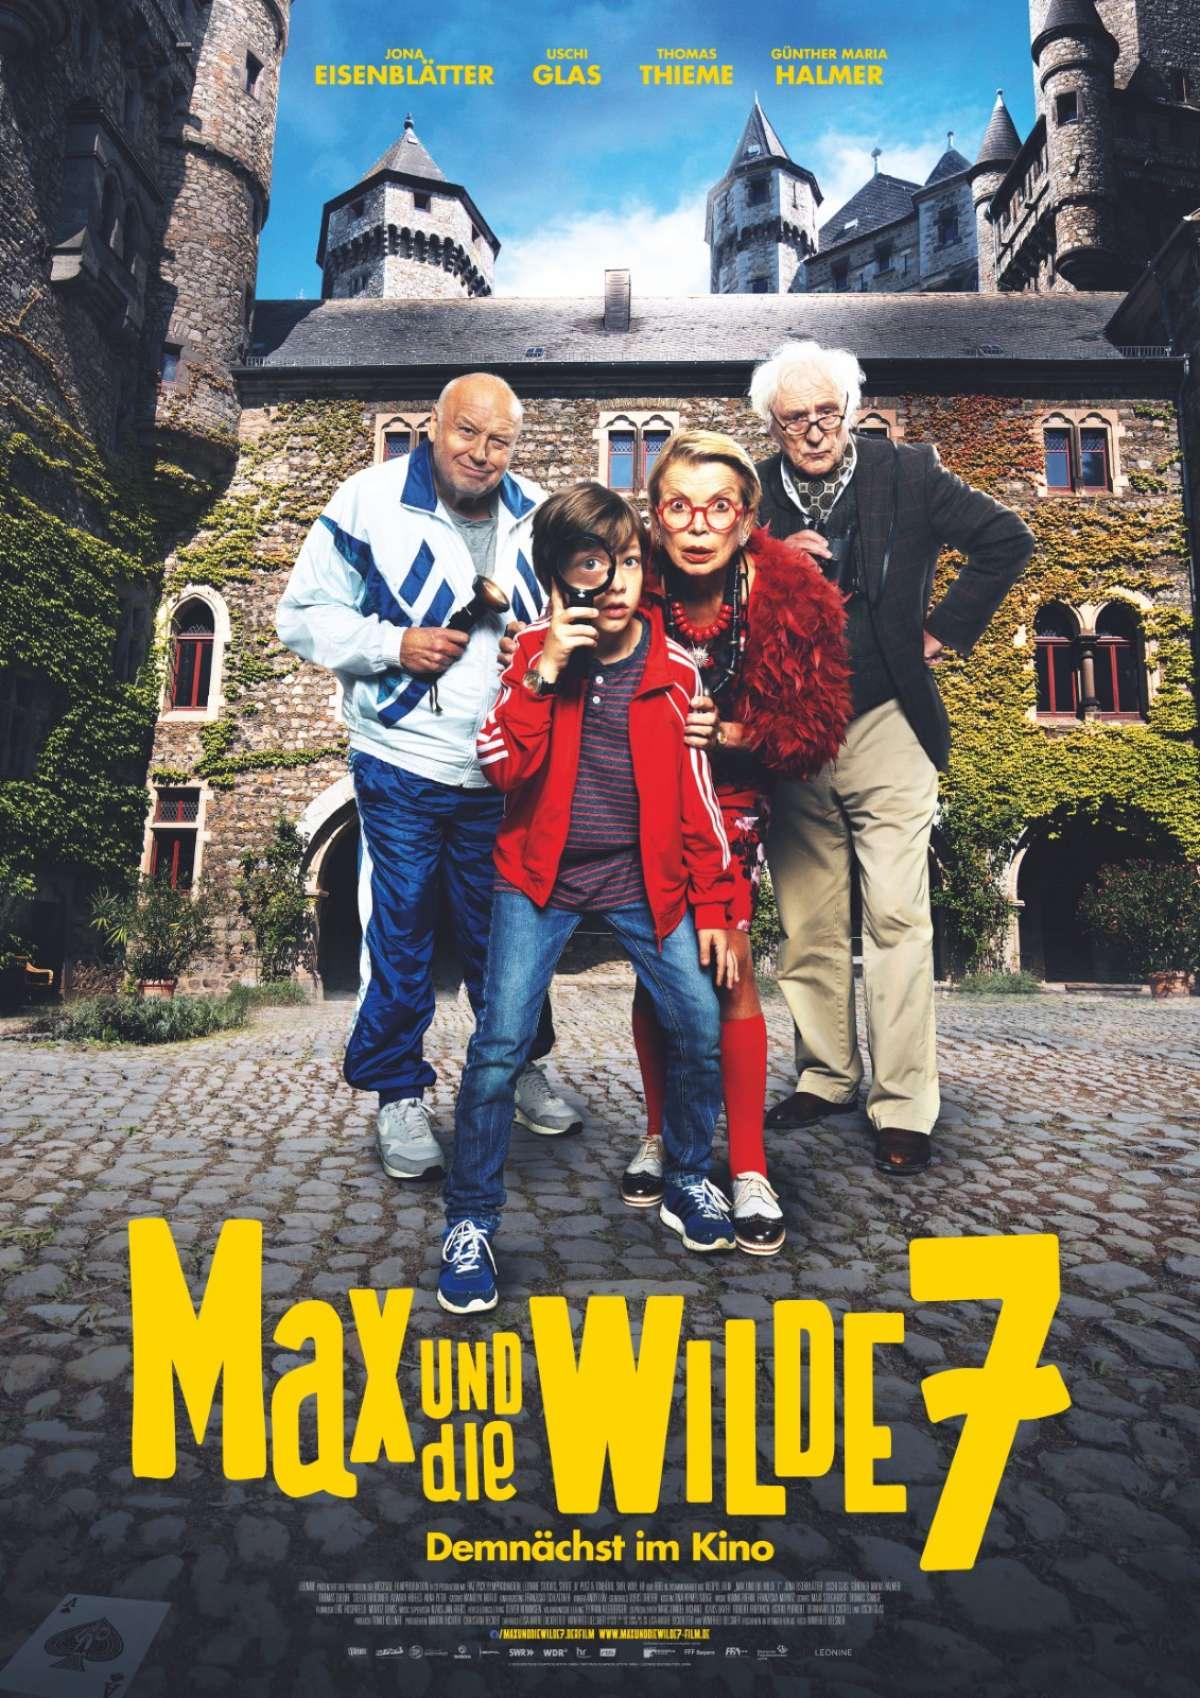 Max und die Wilde 7 - Cine-Royal  - Fritzlar